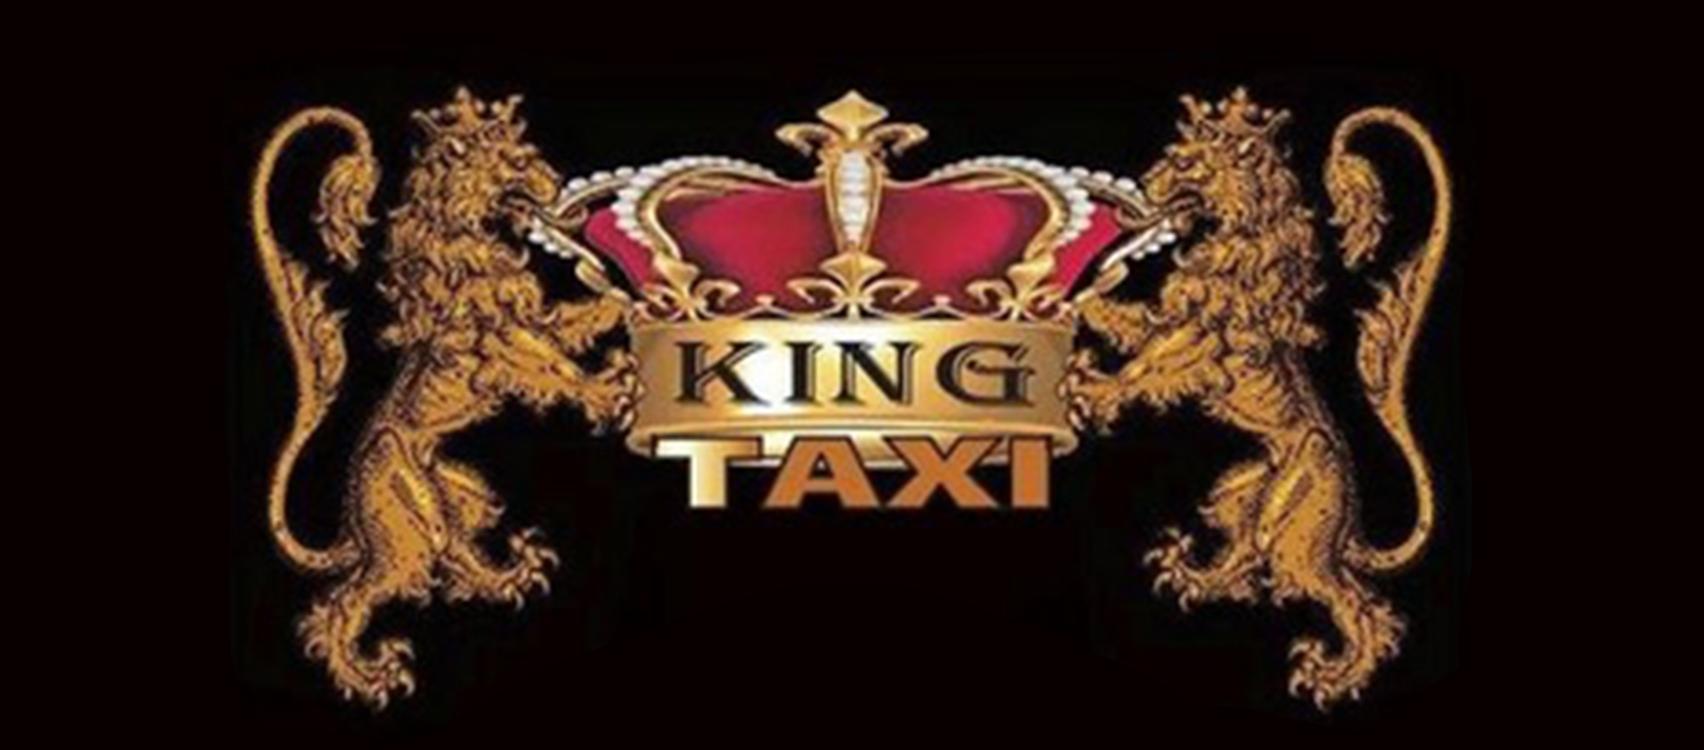 Таксі King  (Київ)